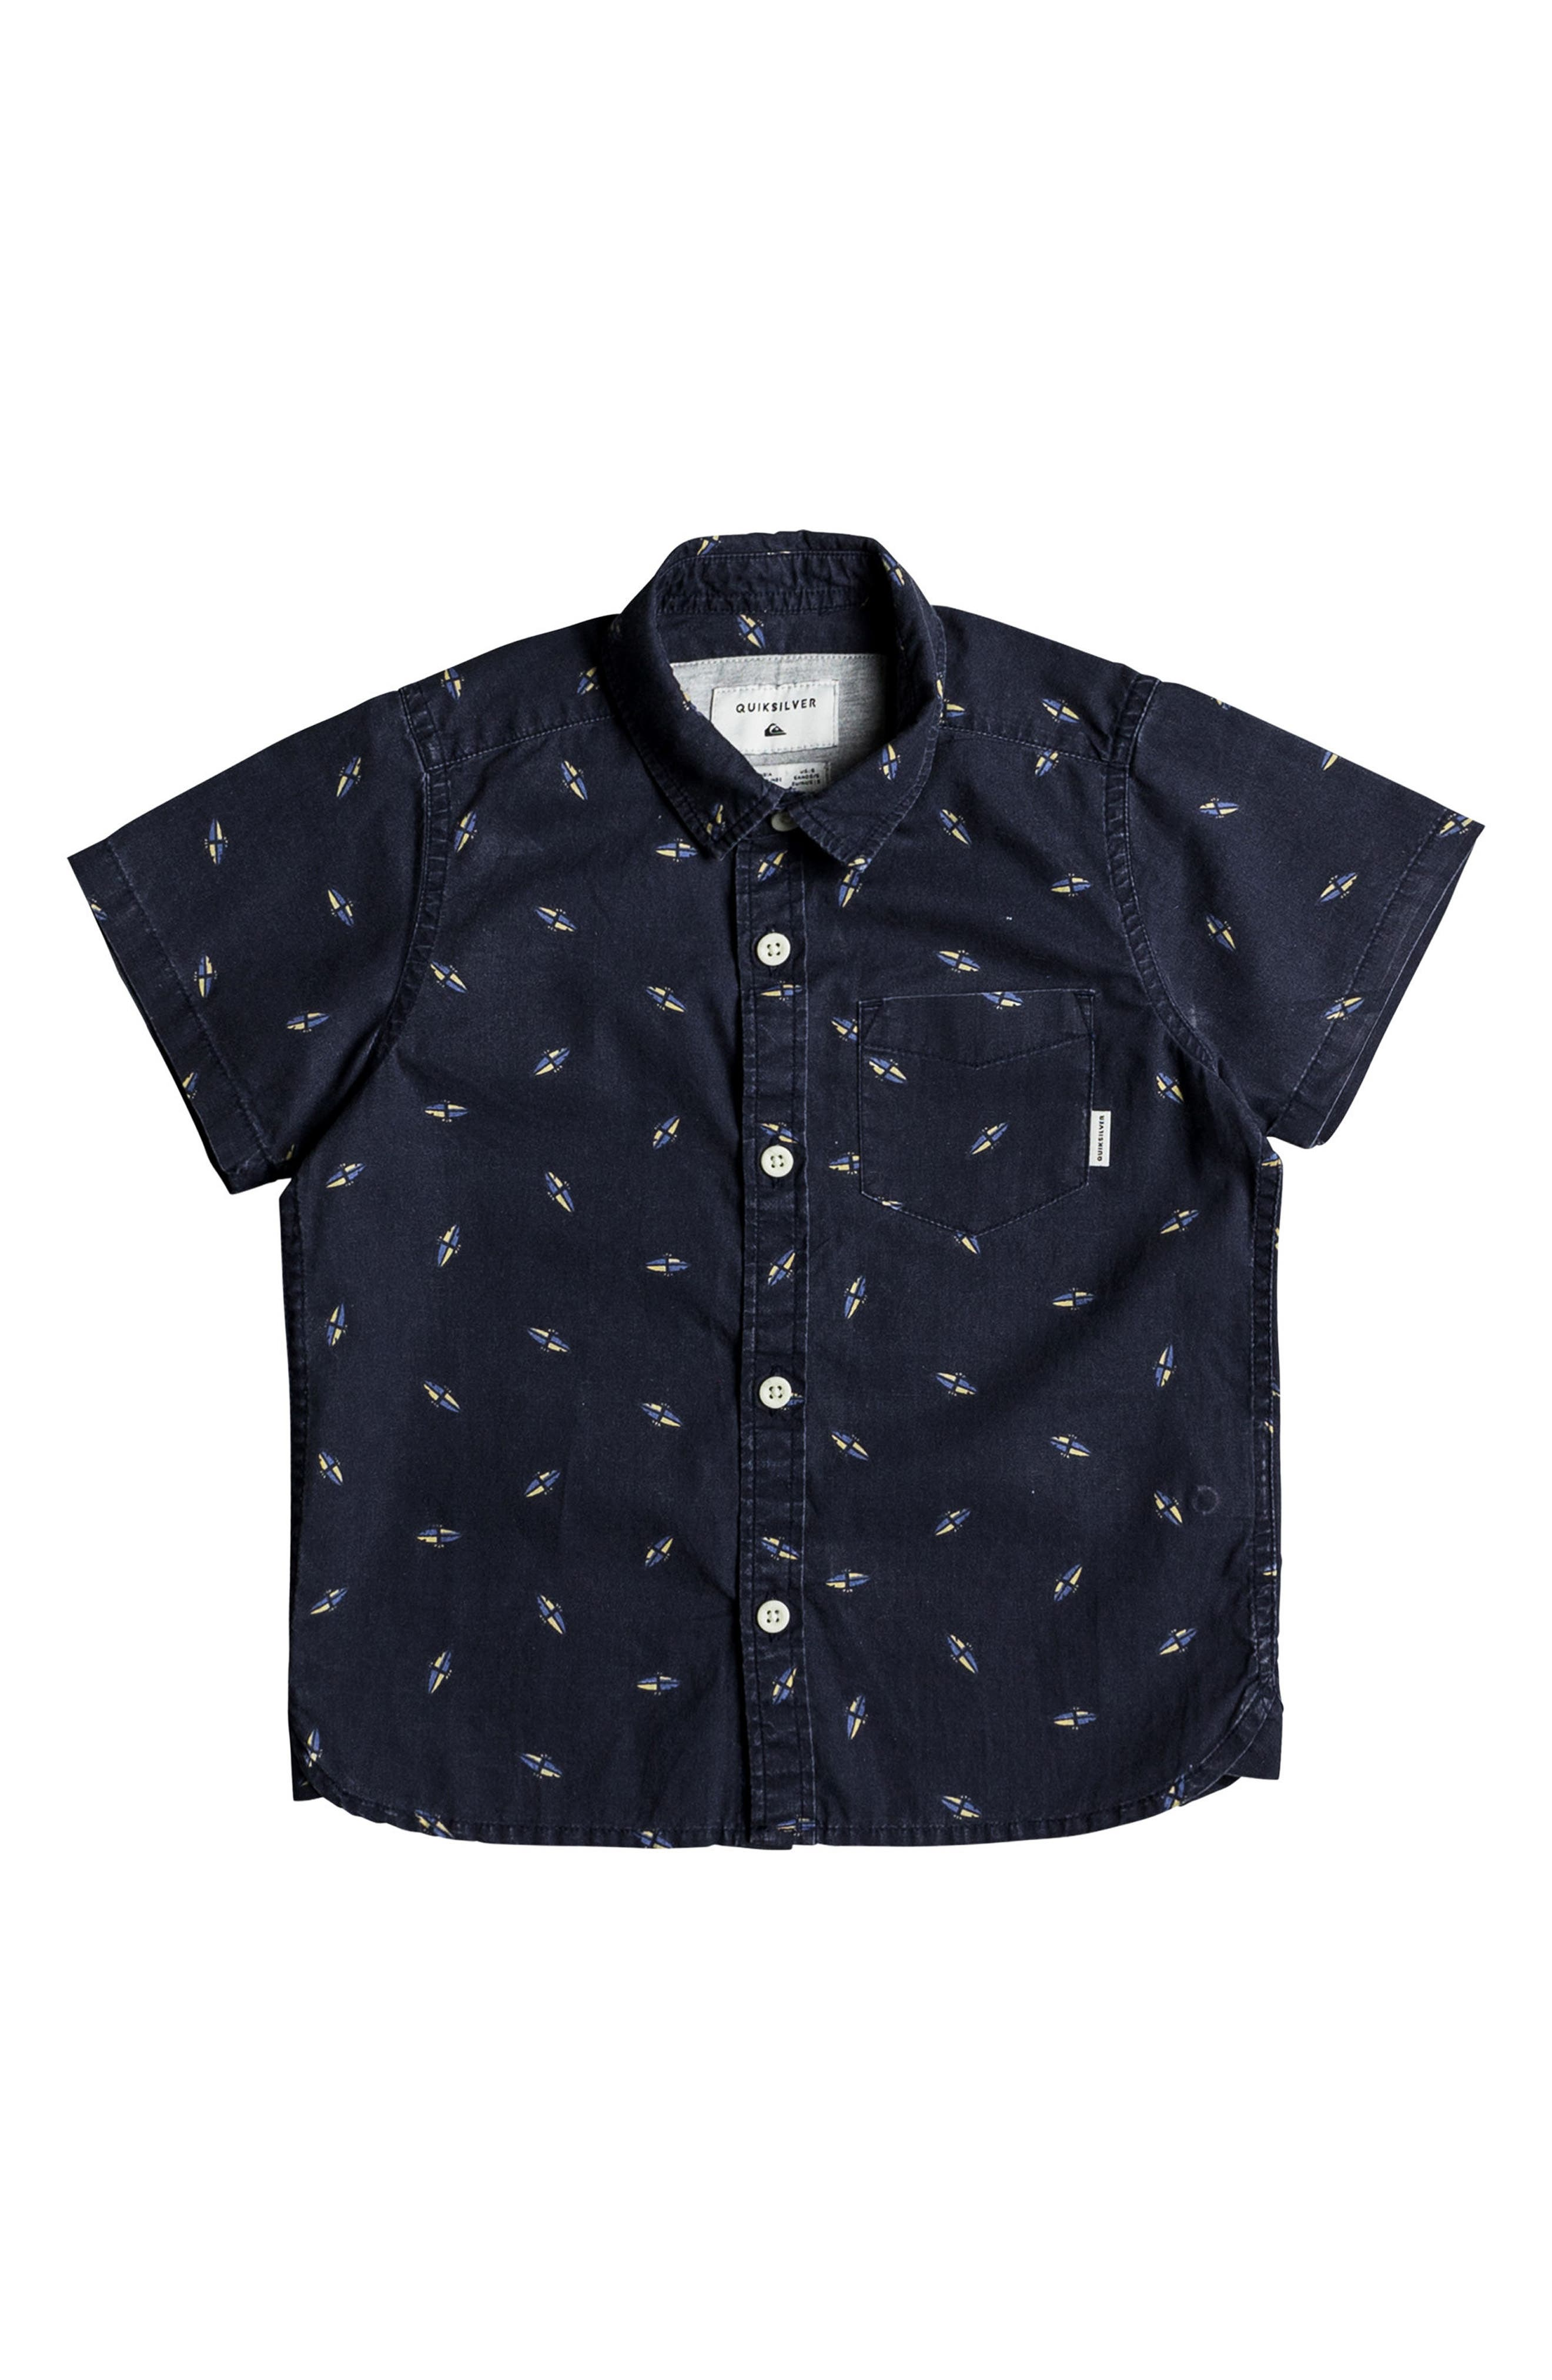 Main Image - Quiksilver Boredsnap Woven Shirt (Toddler Boys & Little Boys)